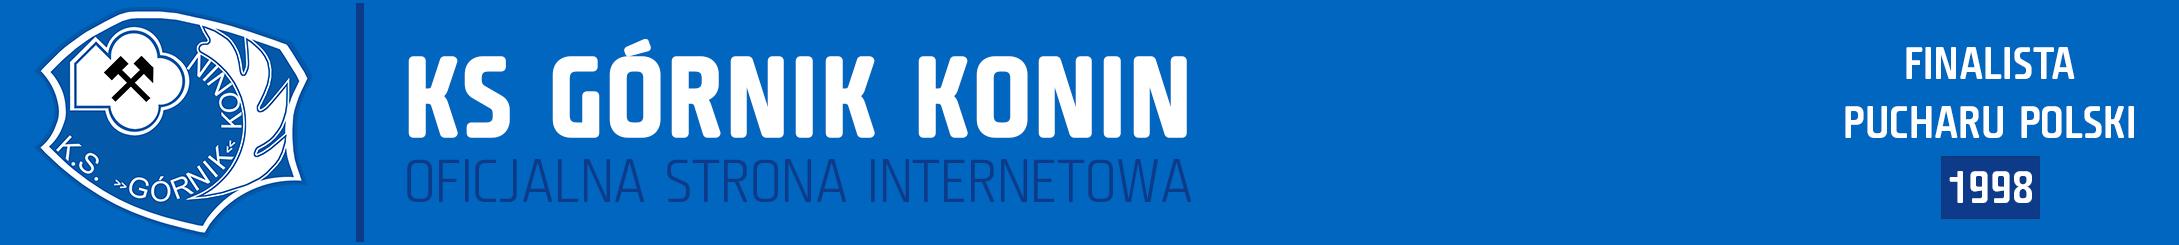 KS Górnik Konin